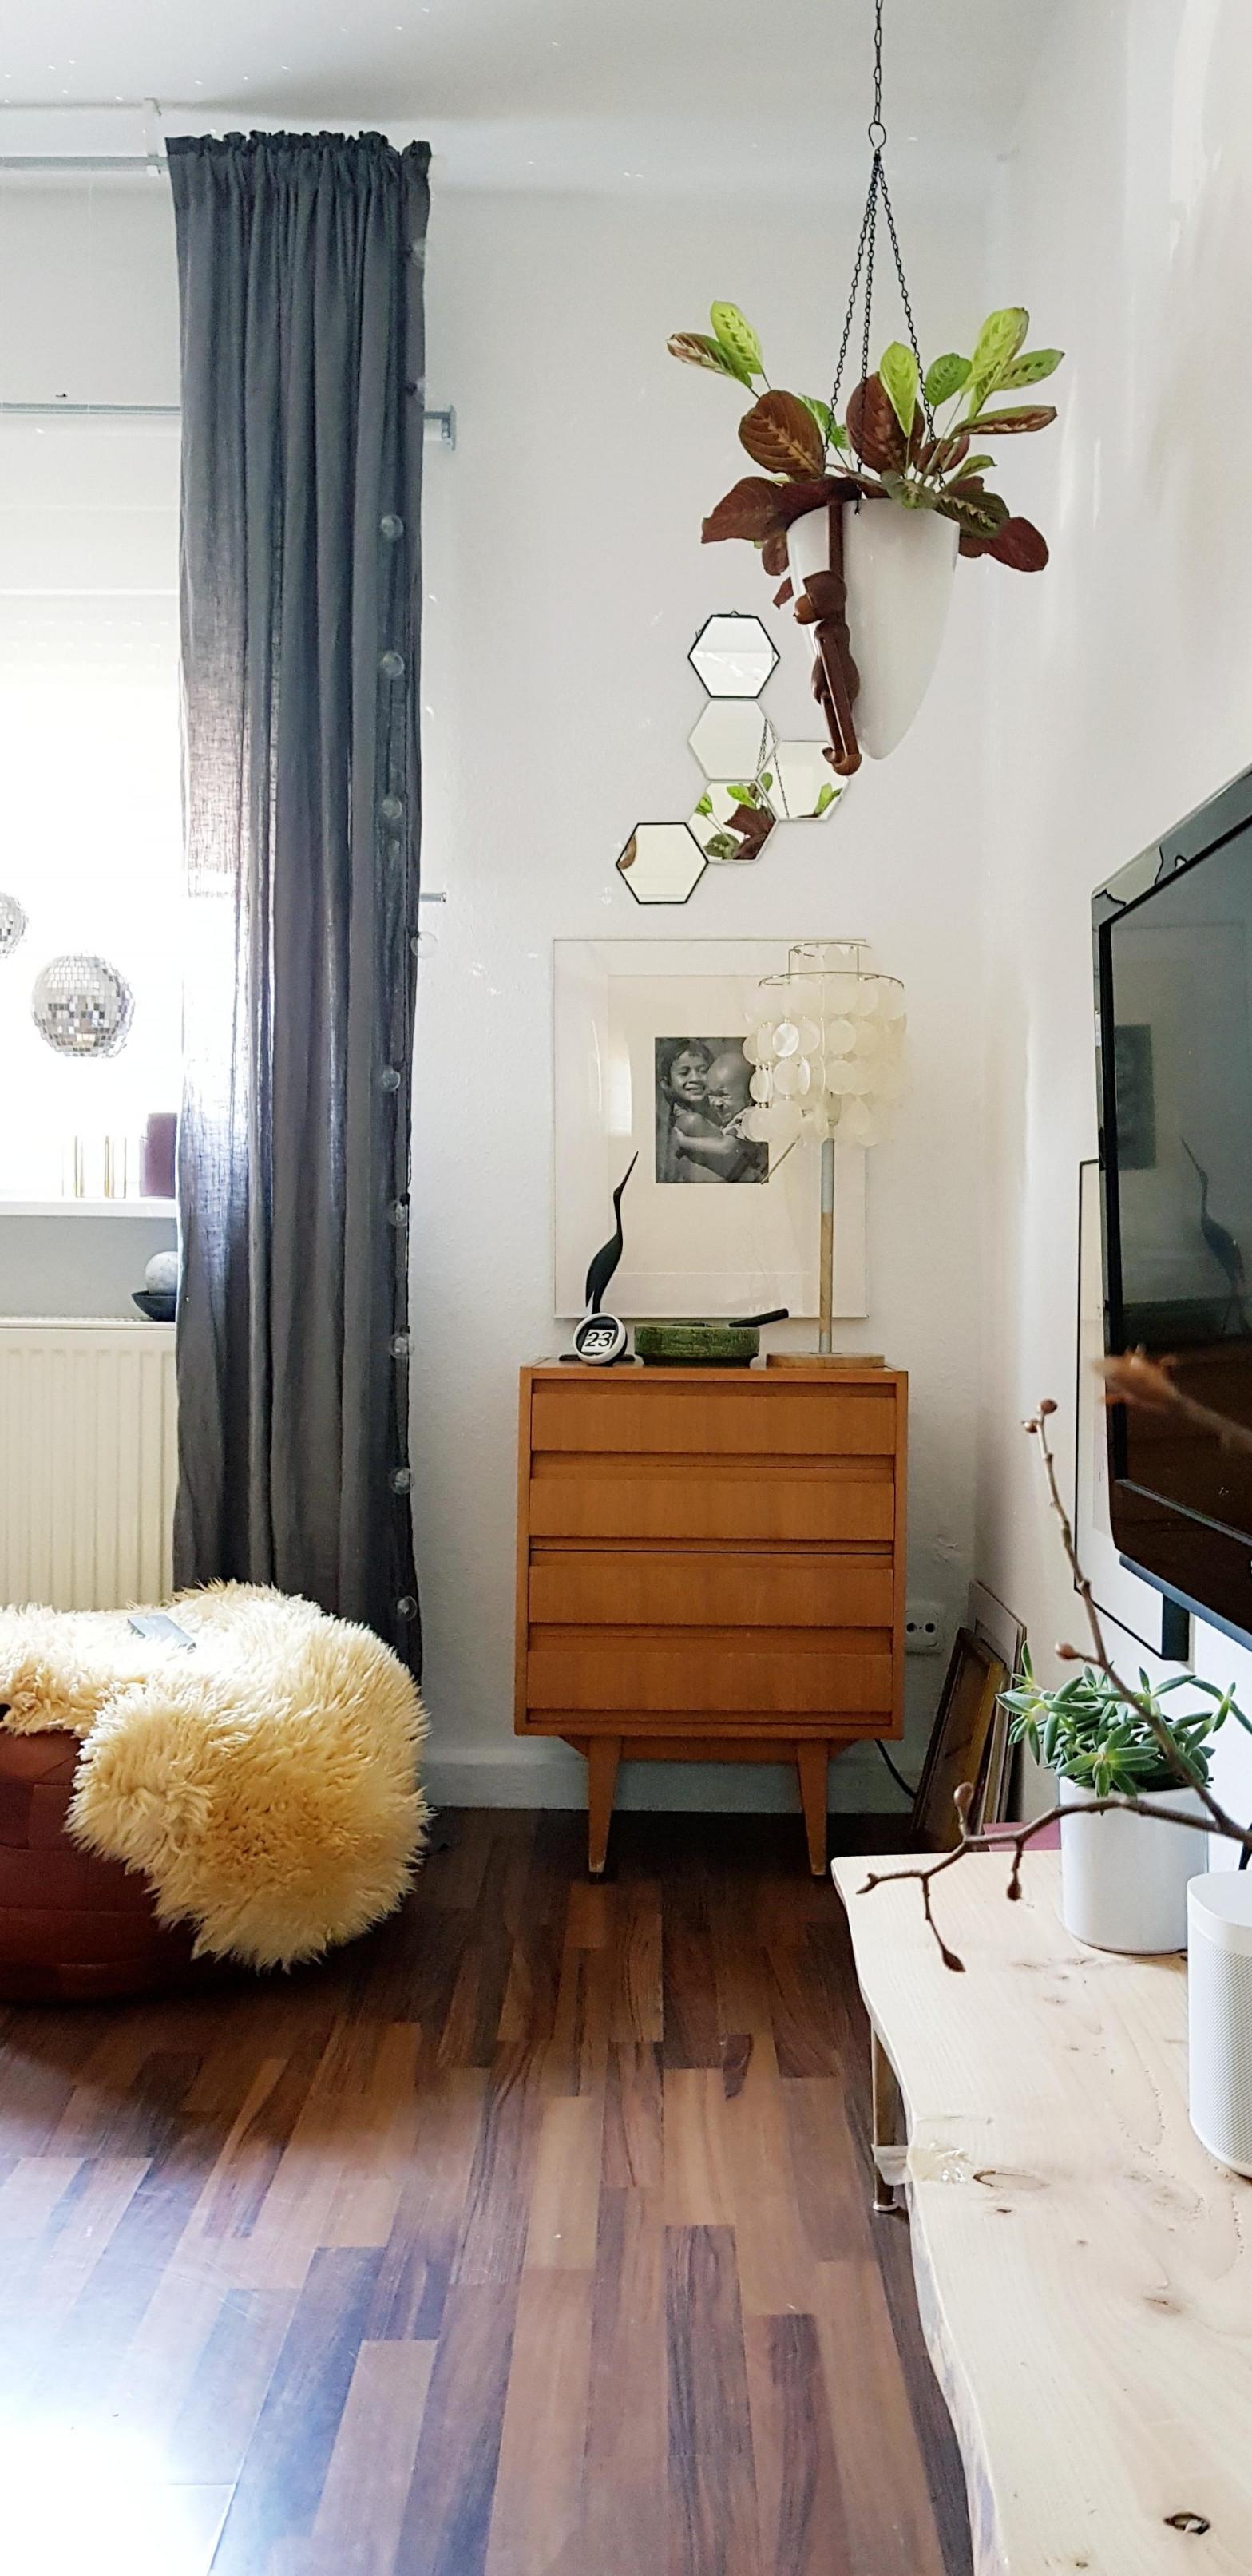 Diese Ecke Im Wohnzimmer Mag Ich Am Meisten 🙂 Midc von Wohnzimmer Ecke Deko Bild